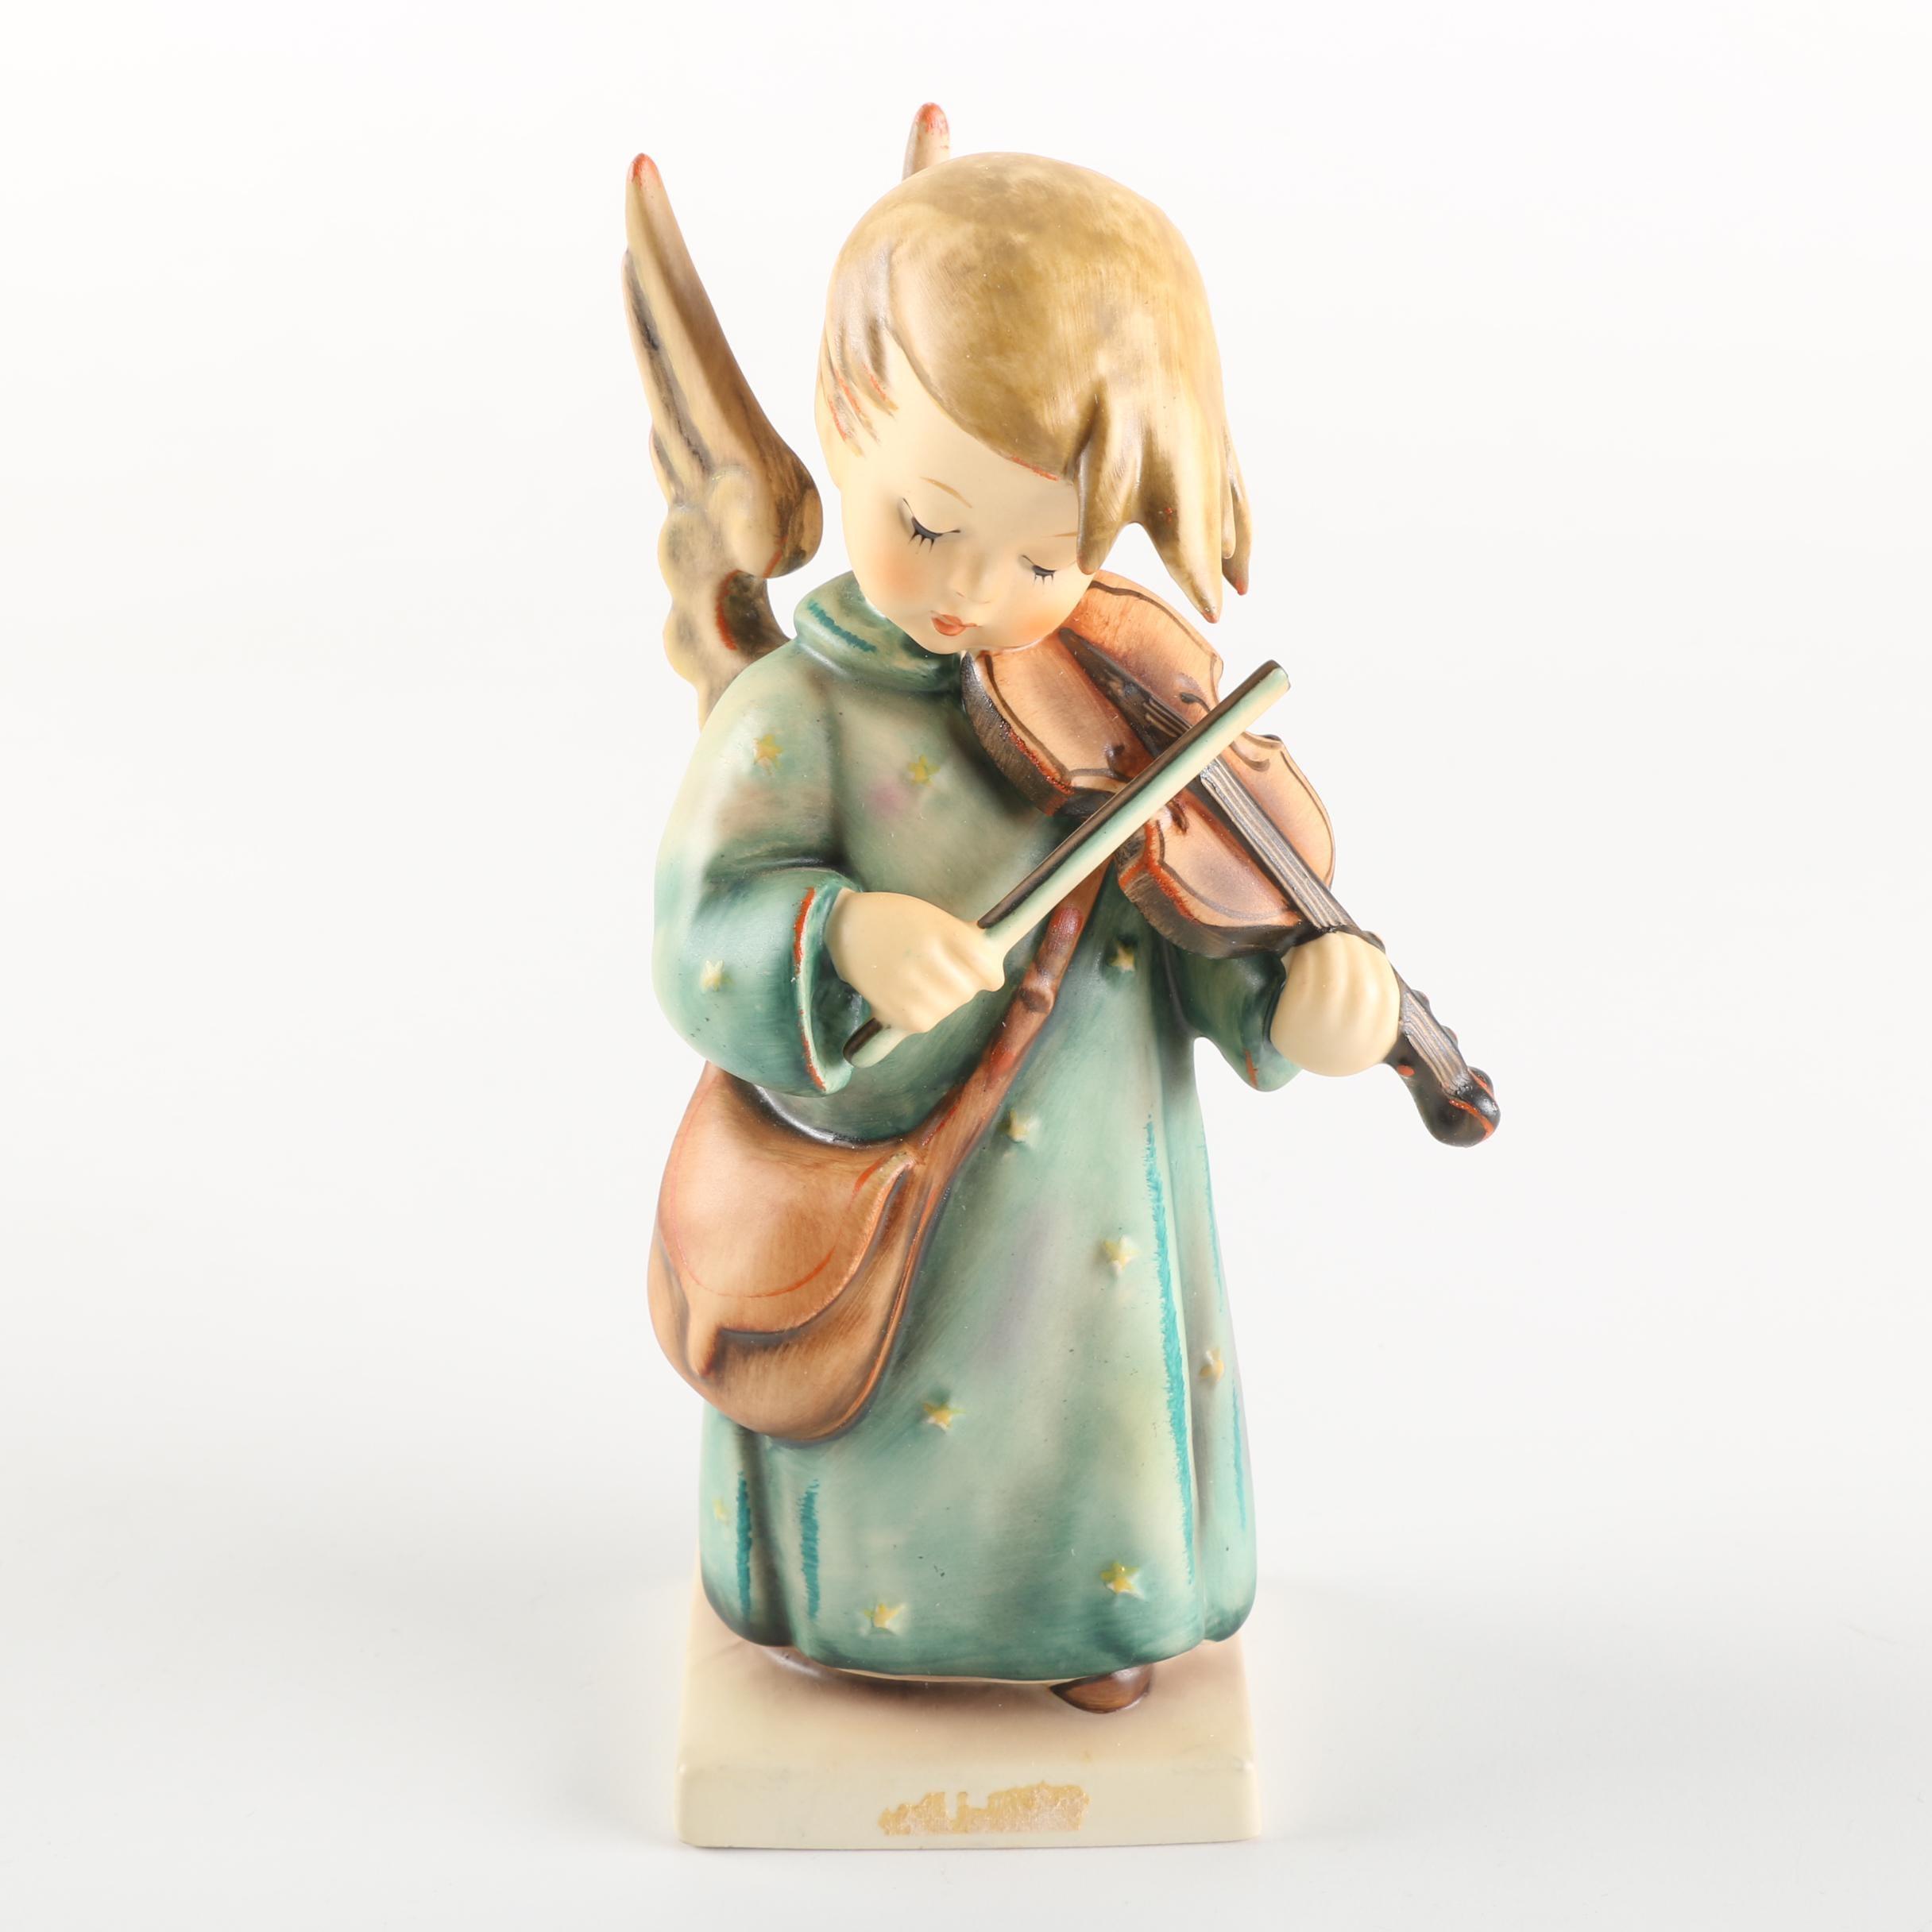 """Hummel """"Celestial Musician"""" Figurine"""